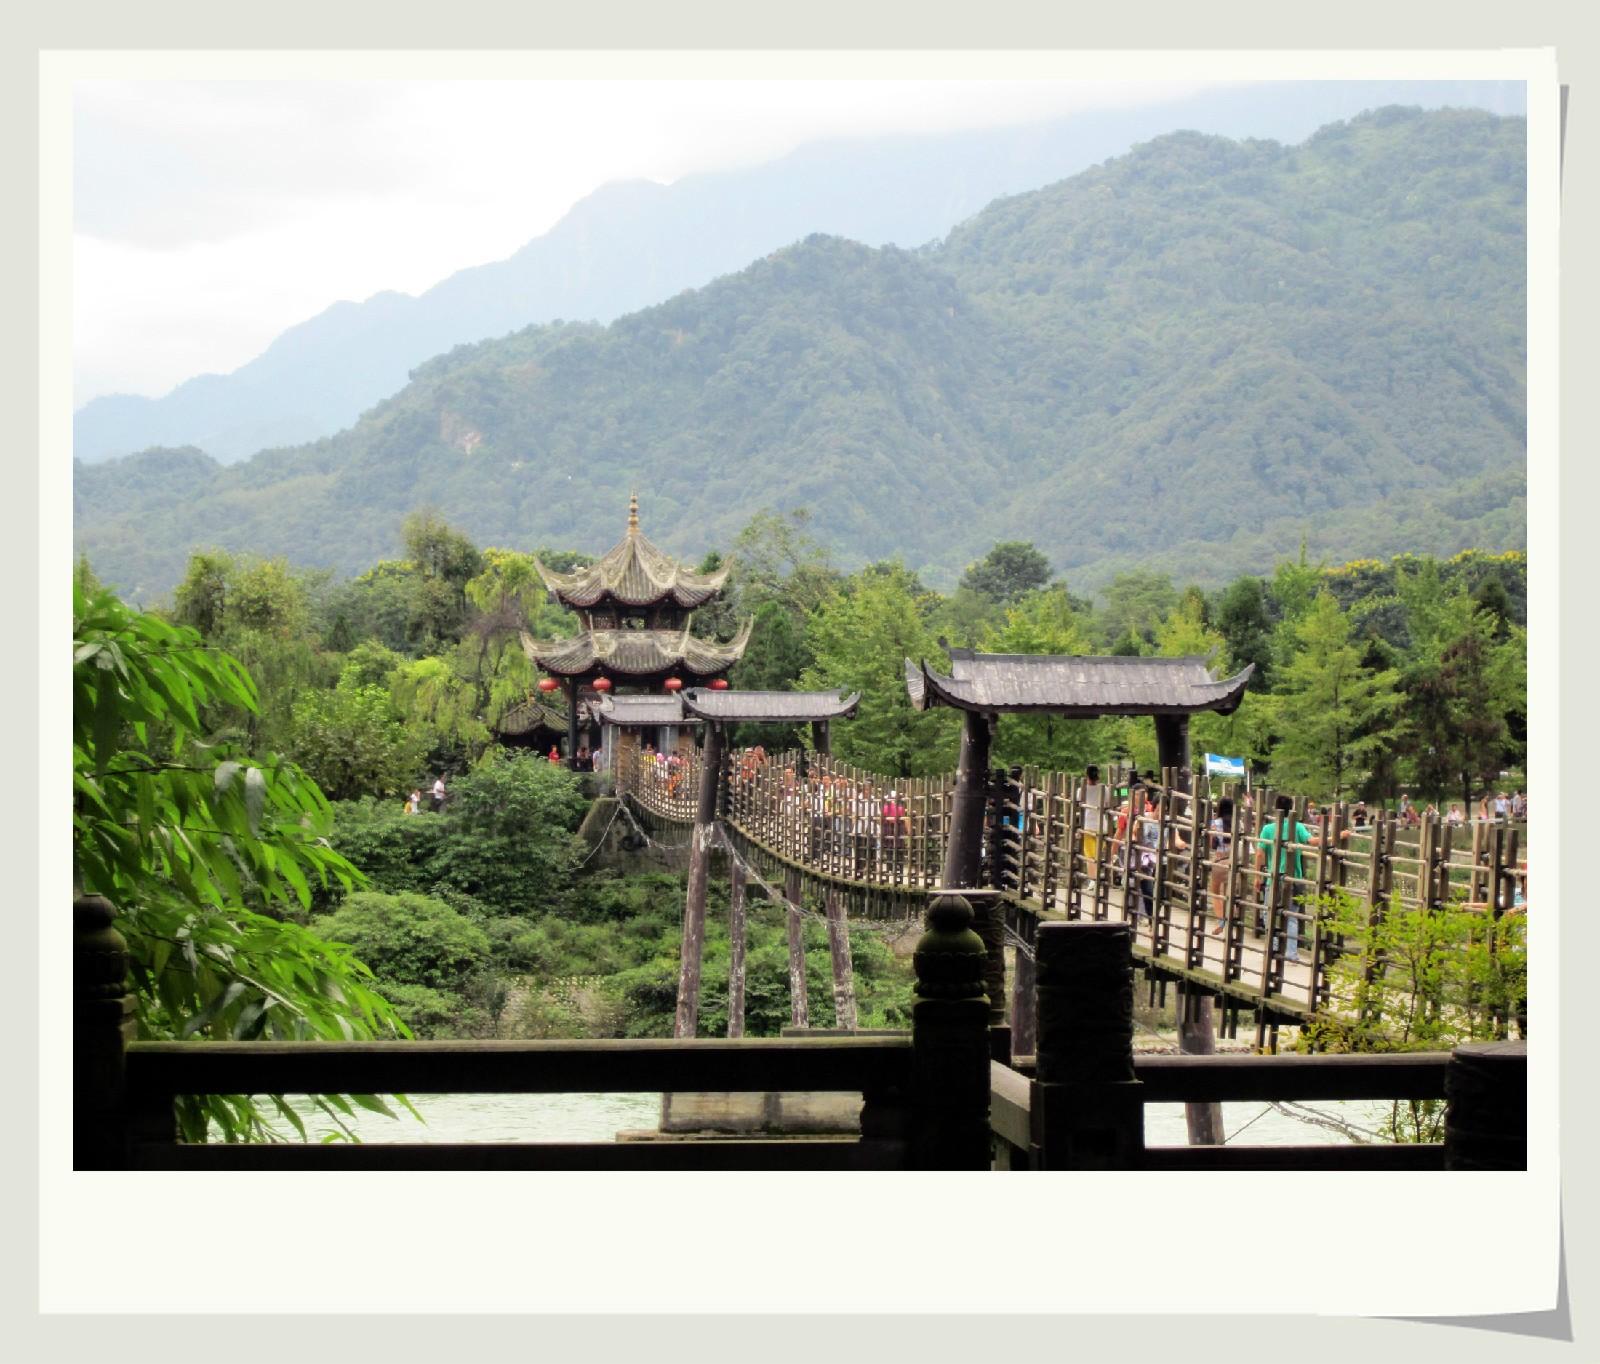 ... 岷江的 安澜桥是我国著名的五大古桥之一,全长320米